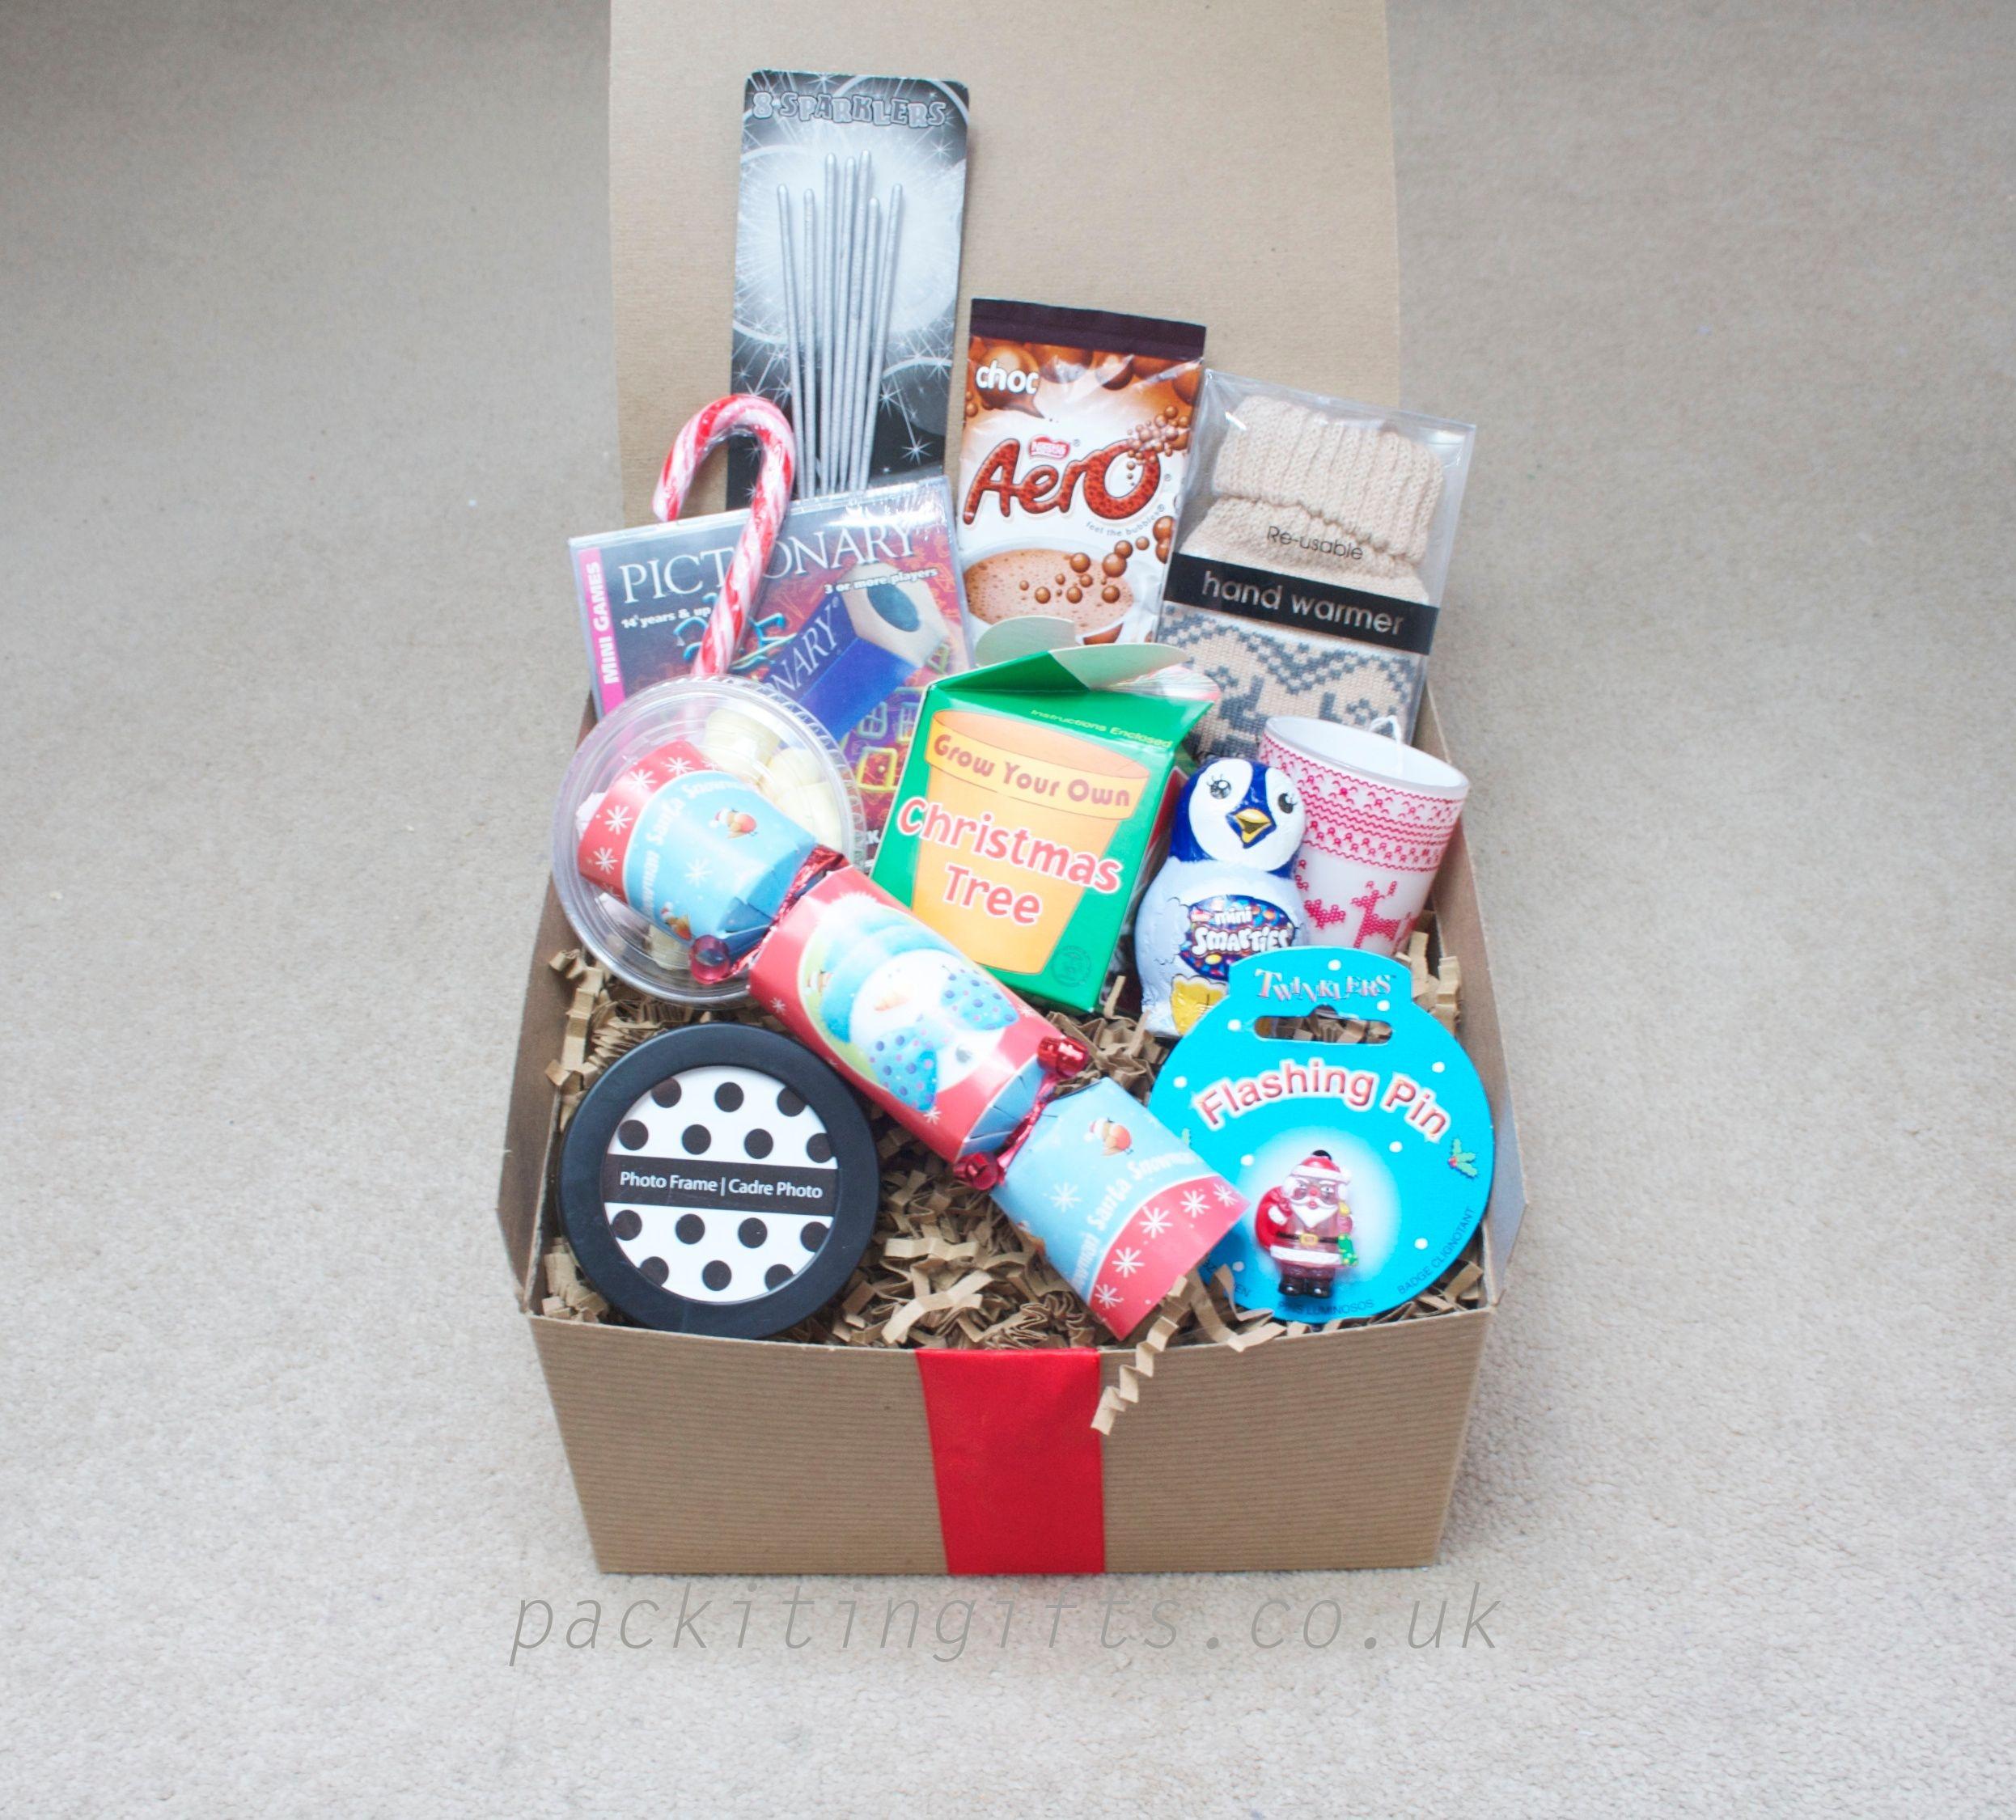 Teen Christmas Christmas gift box, perfect for your